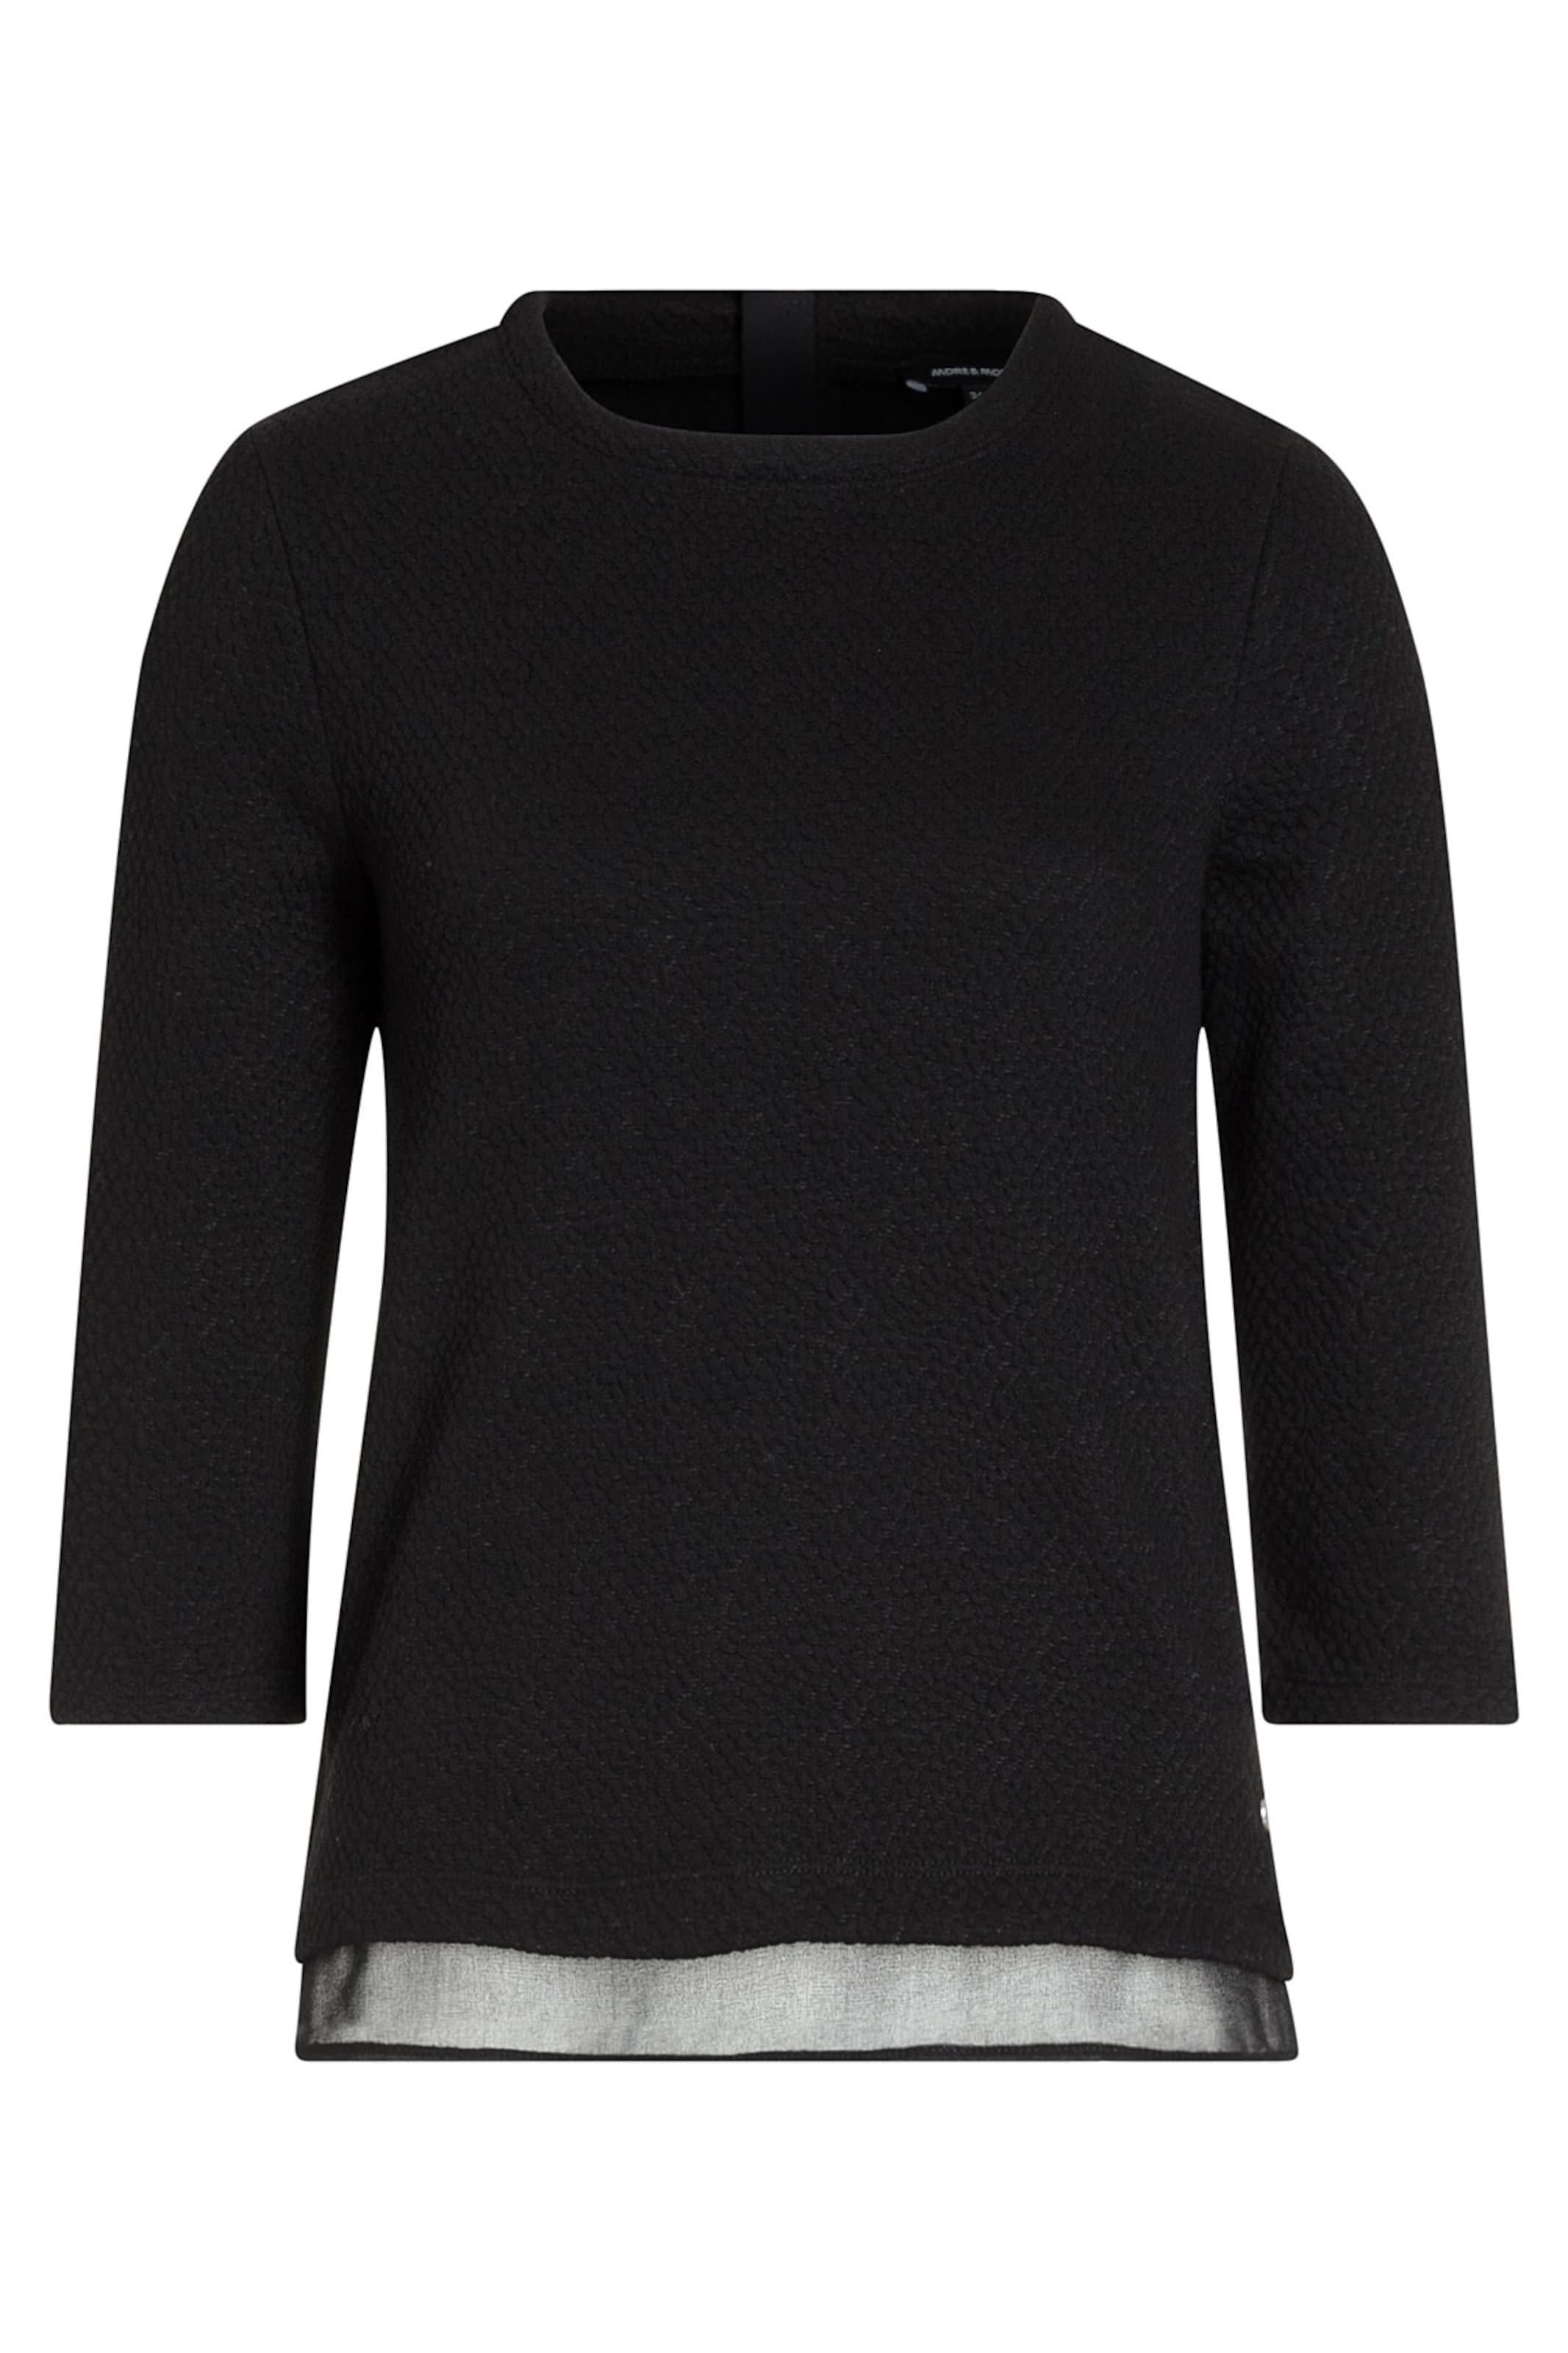 2018 Unisex Online Frei Für Verkauf MORE & MORE Sweatshirt rHJReX5